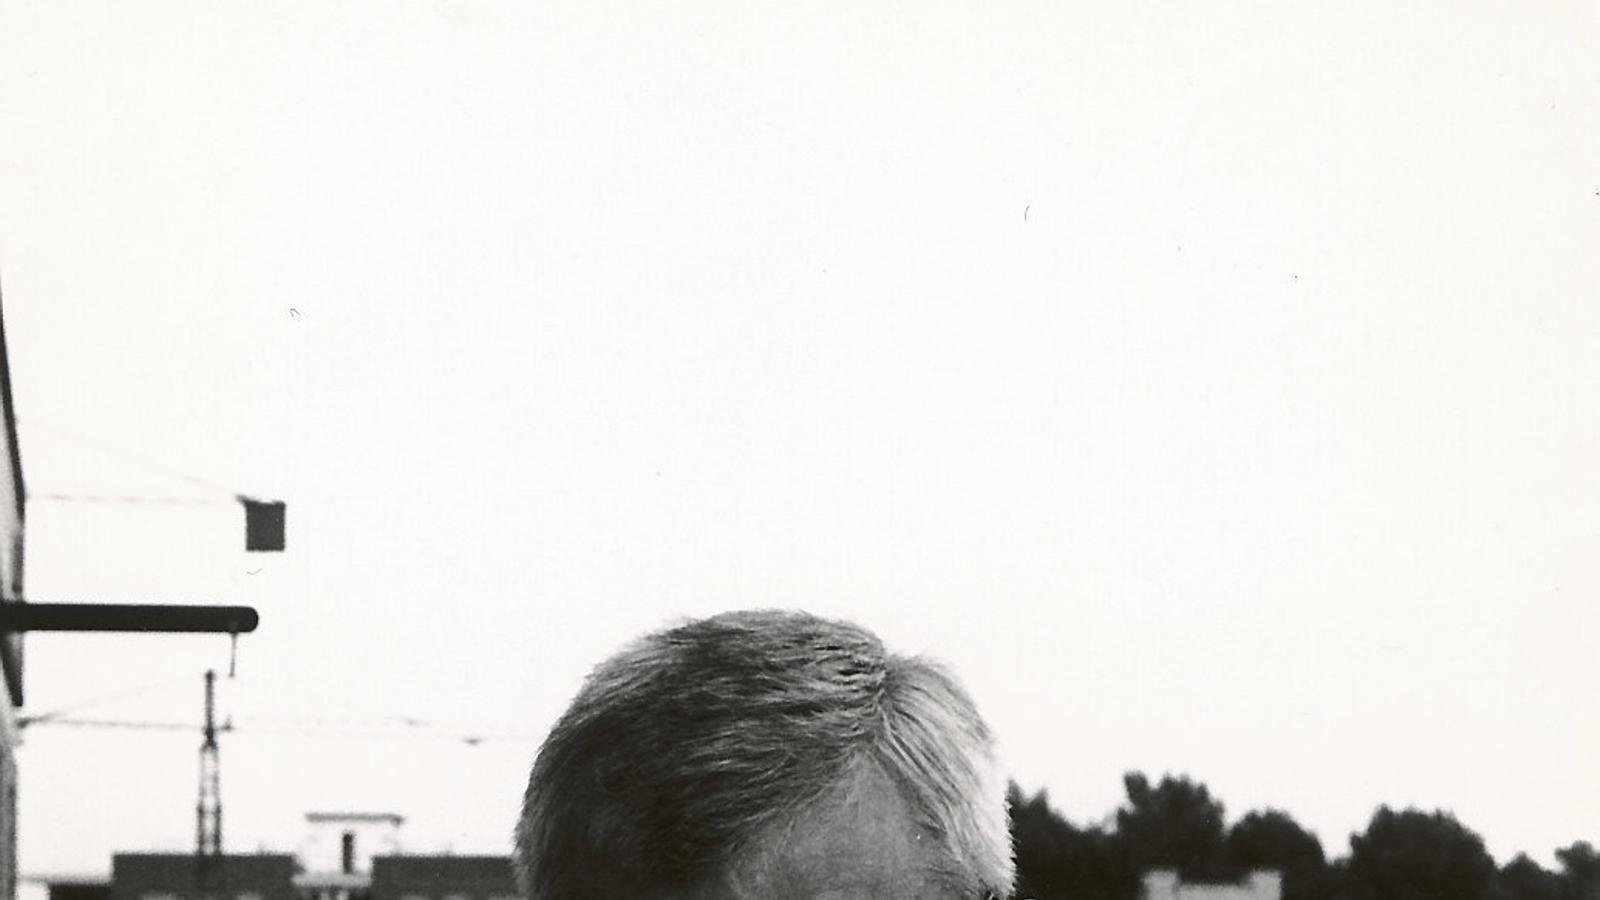 01. Gabriel Ferrater, fotografiat per Roberto Ruperto el 15 d'agost del 1969. 02. Jordi Cornudella, responsable de l'edició crítica de l'obra ferrateriana.